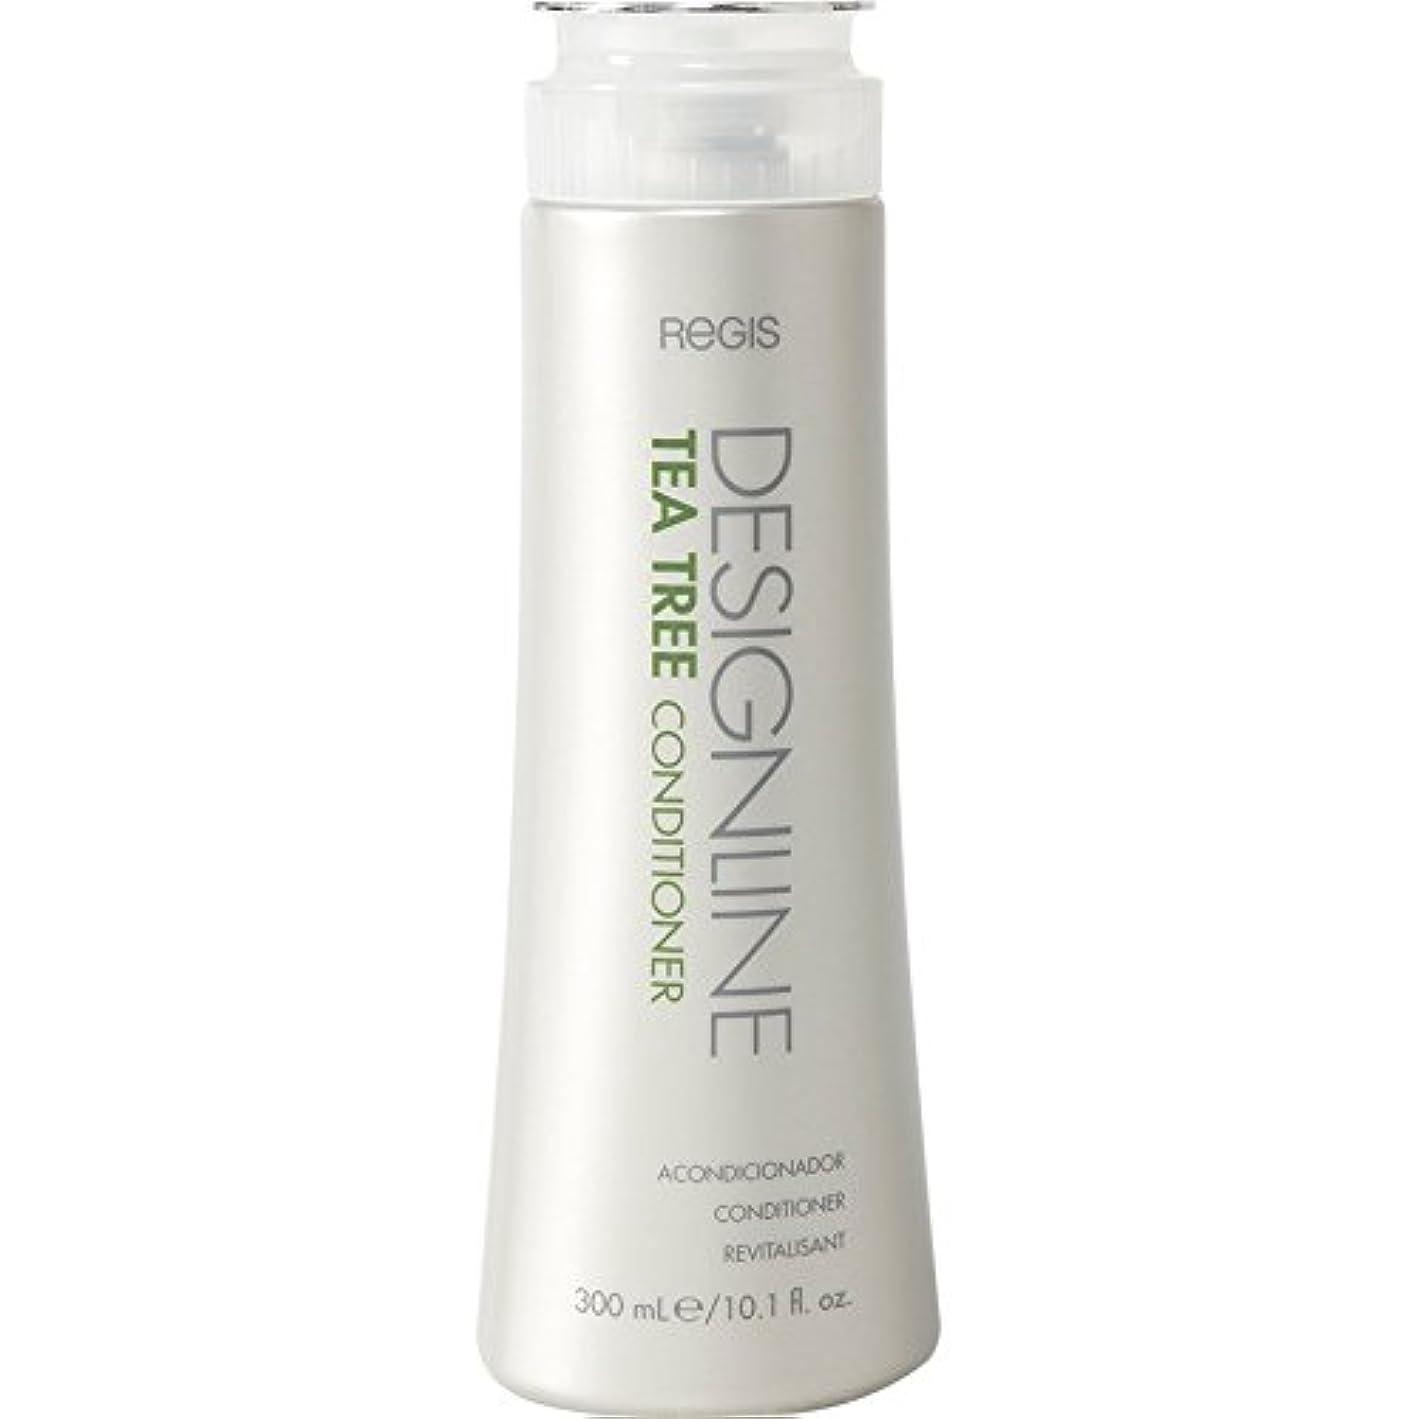 開拓者サイレント矢印DESIGNLINE ティーツリーコンディショナー、Regis -栄養価の高いビタミンとミネラルを含み、髪に潤いを与え、髪と頭皮のオイルをバランスさせる シャイン、ソフトネス、および管理性 用